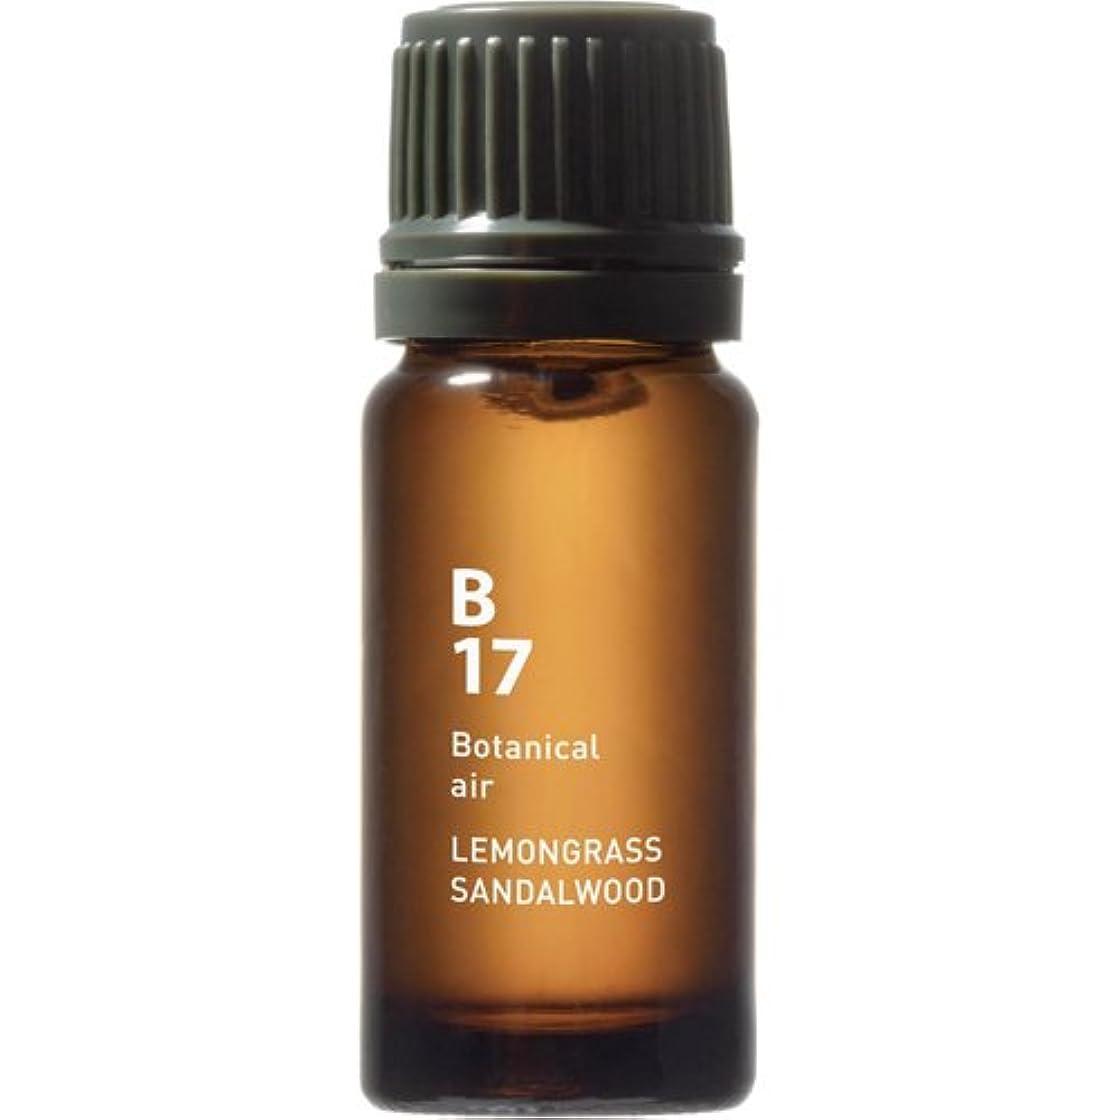 容量バレルそんなにB17 レモングラスサンダルウッド Botanical air(ボタニカルエアー) 10ml